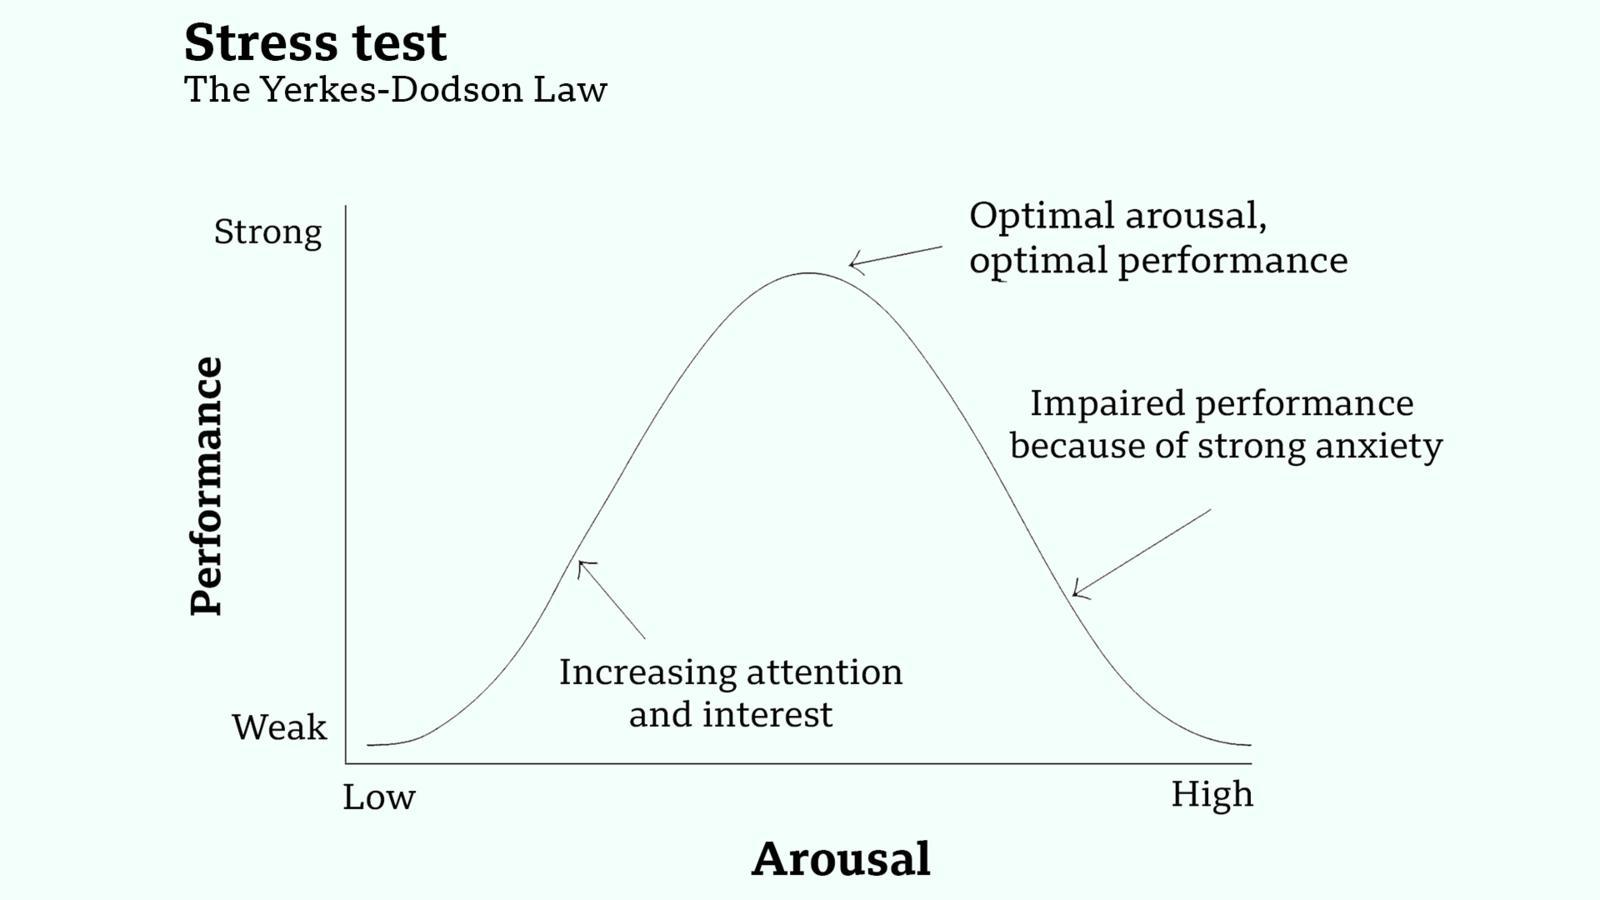 Yerkes Dodson - Stressfrei und entspannt statt irrationale Überzeugungen